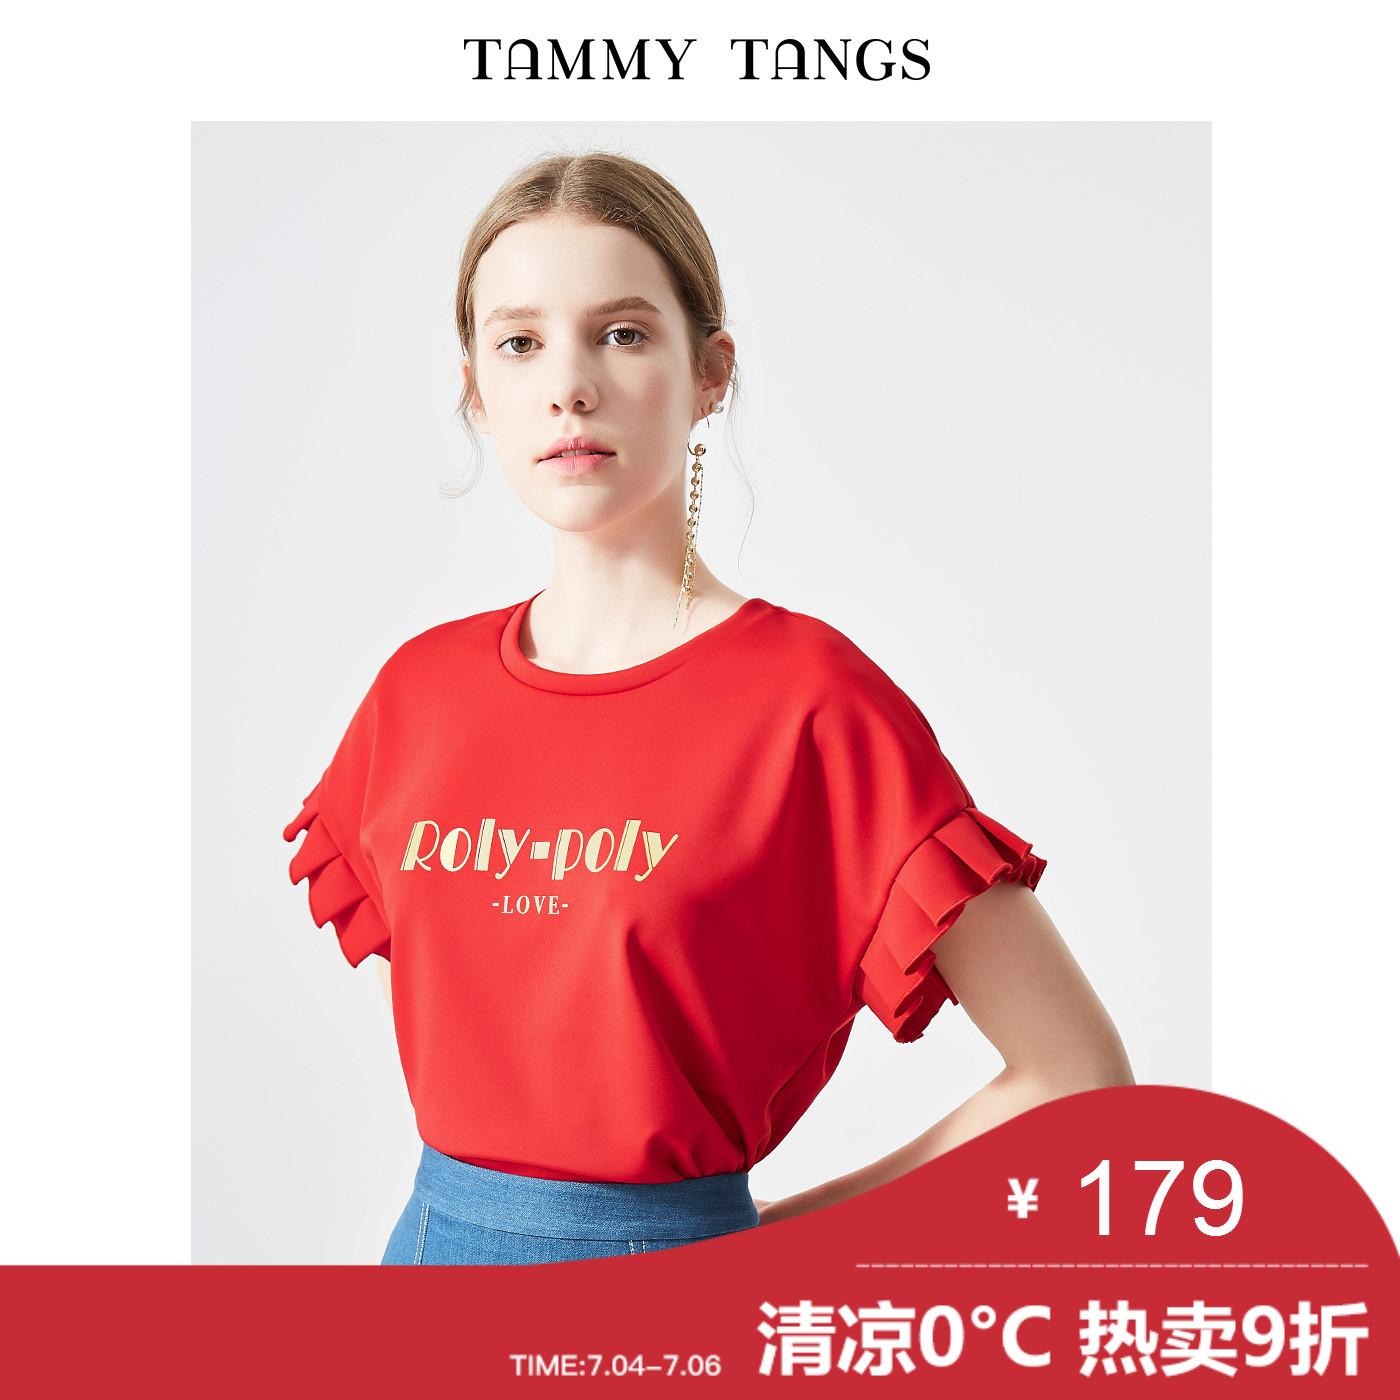 糖力2018夏季新款红色字母印花上衣圆领打底衫宽松休闲短袖T恤女